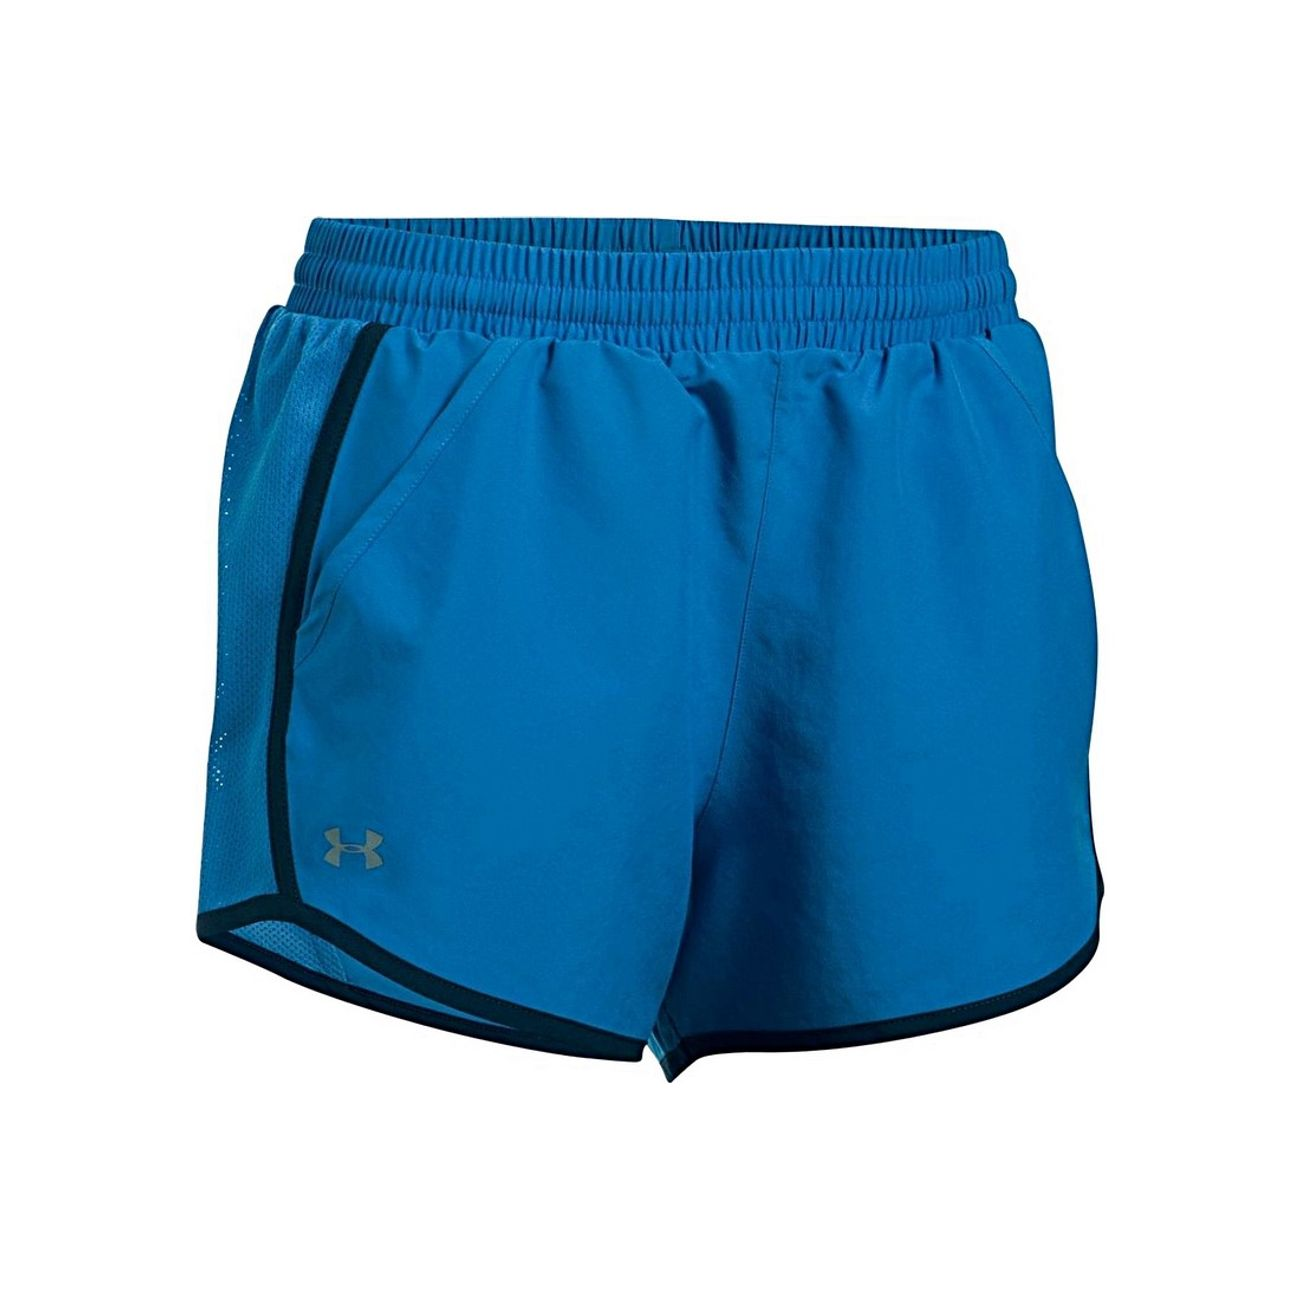 499f0f6be9f0 Femme Short Bleu – achat et prix pas cher - Go Sport